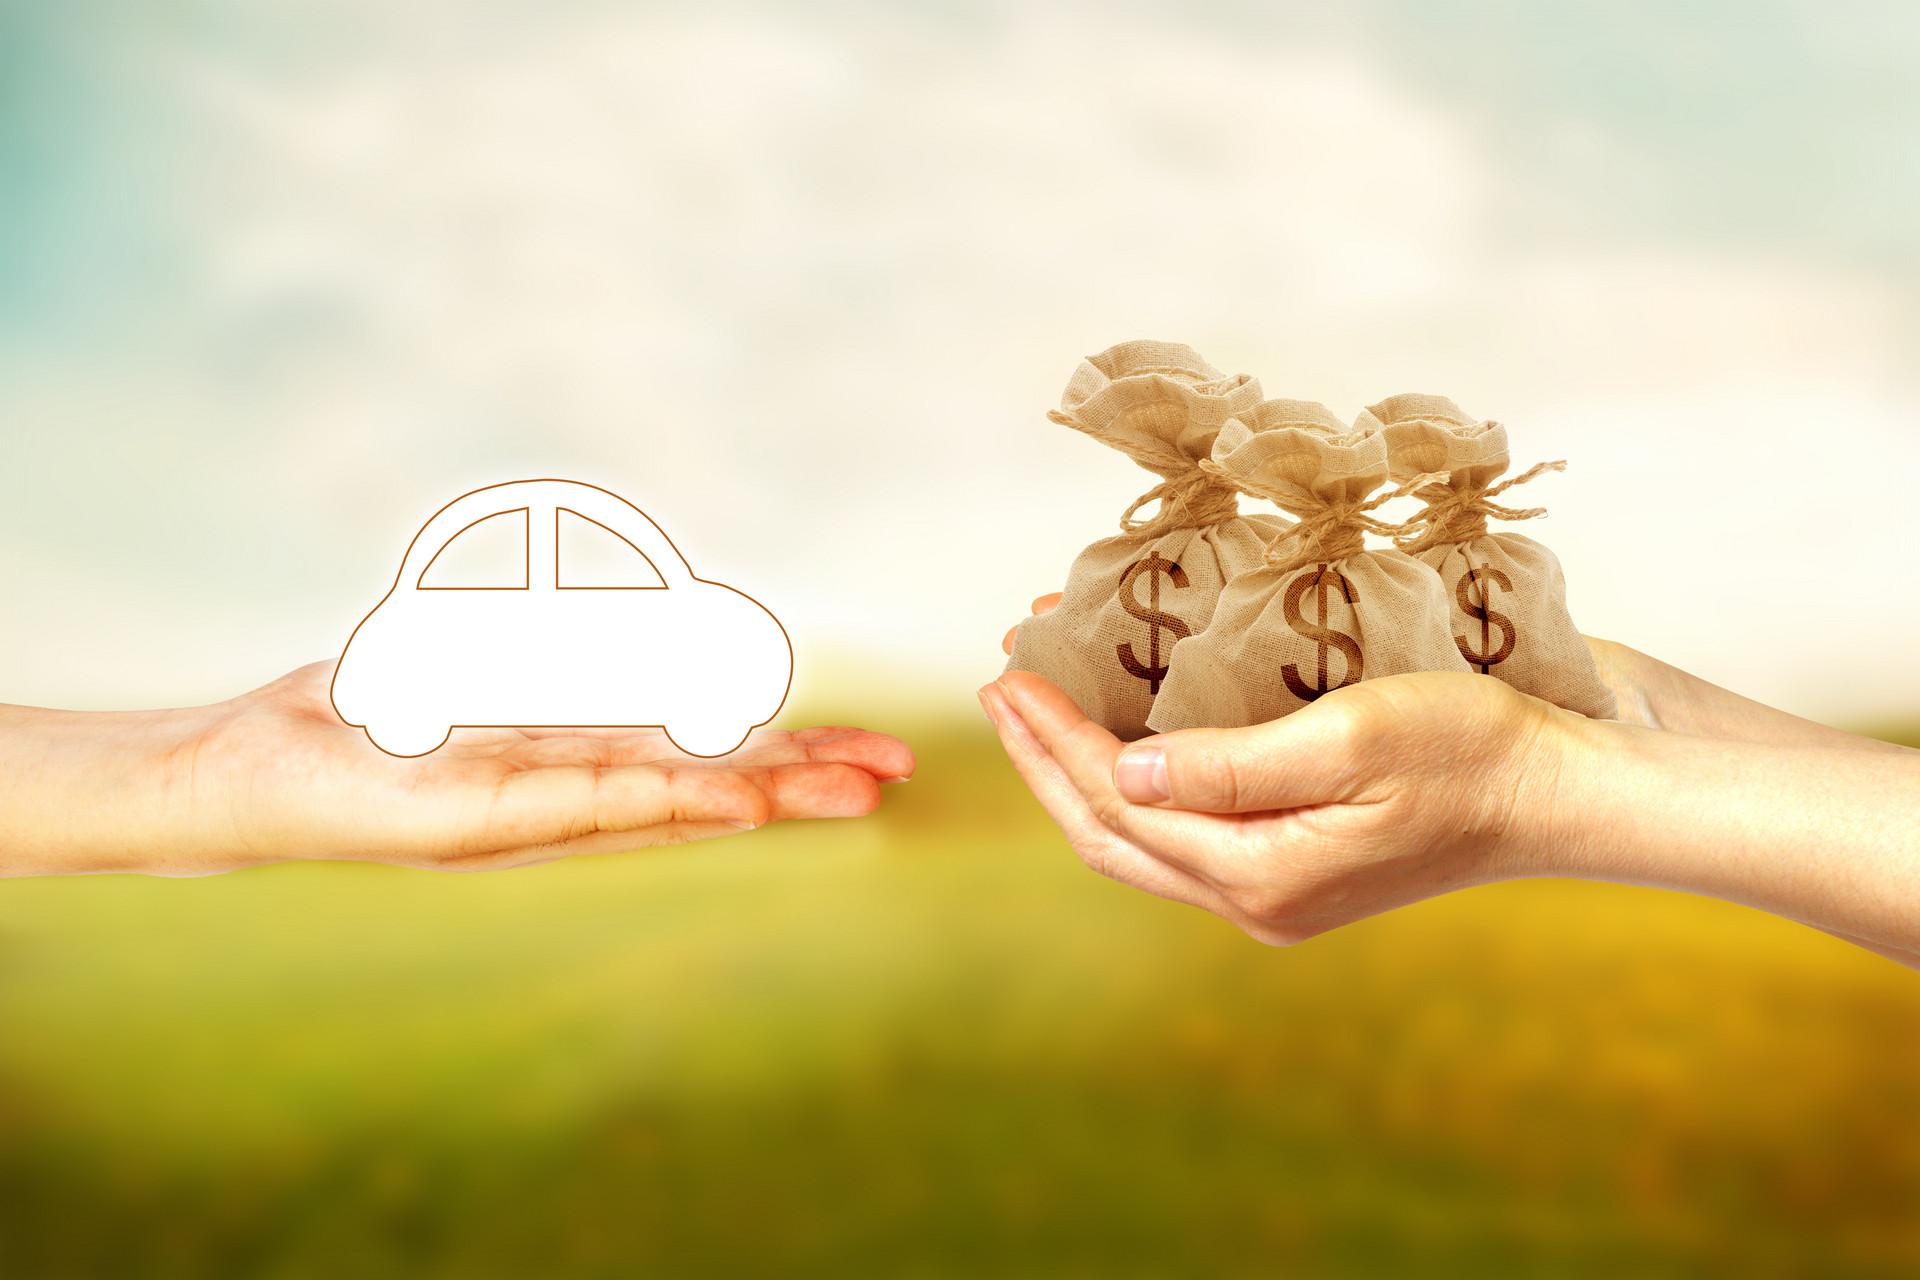 企业年金转移条件,企业年金转移流程